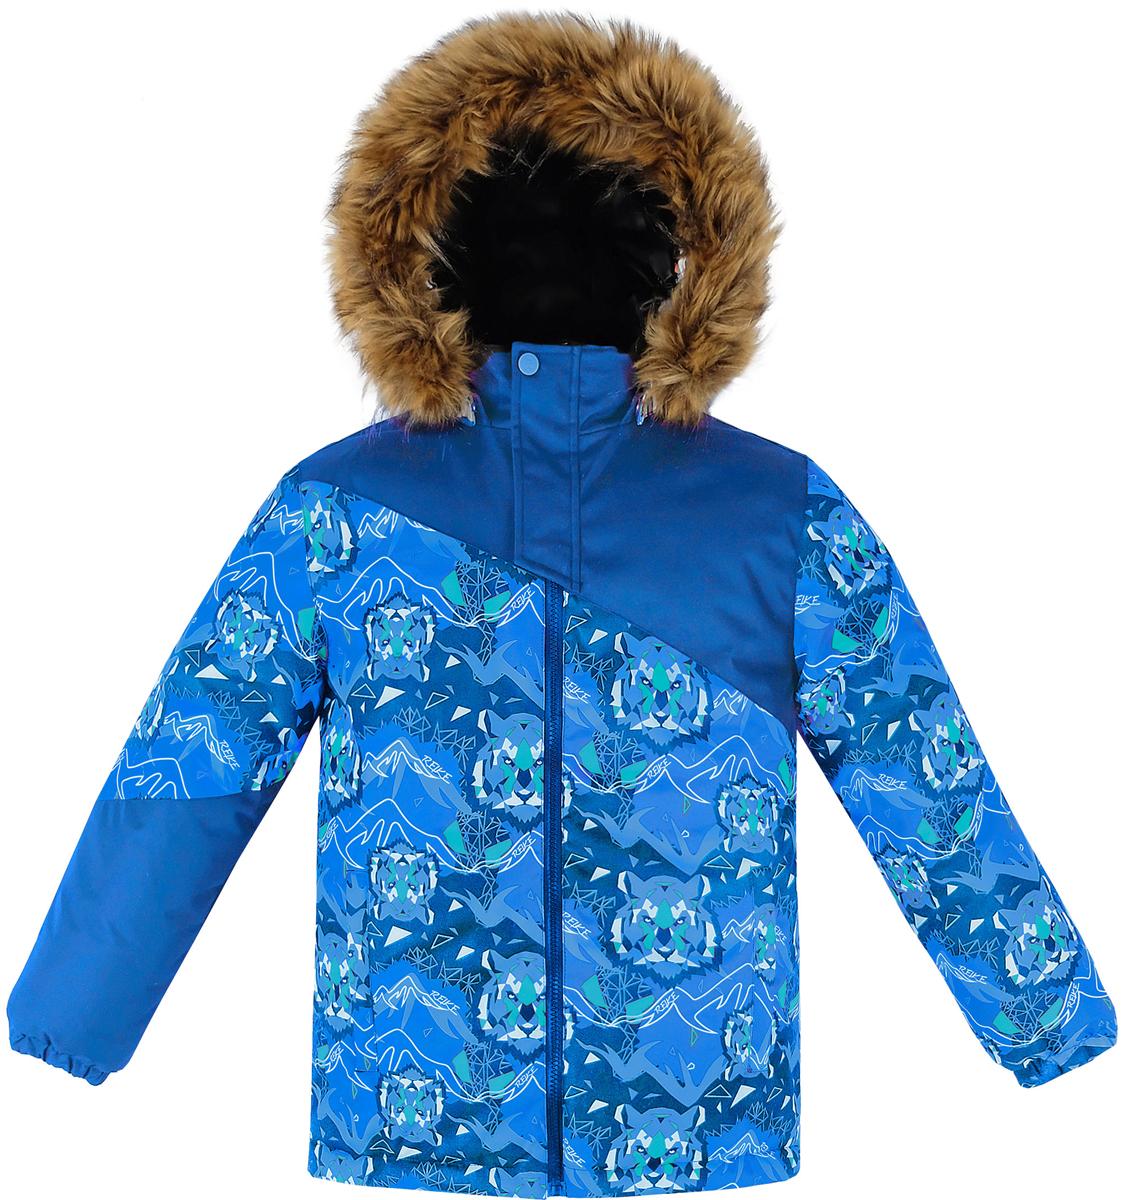 Куртка для мальчика Reike, цвет: темно-синий. 39255220_TGR navy. Размер 11639255220_TGR navyКуртка для мальчика Reike Tiger изготовлена из ветрозащитного, водоотталкивающего и дышащего материала декорирована оригинальным принтом со стилизованными изображениями тигра. Подкладка выполнена из принтованного полиэстера с флисовым подкладом. Куртка дополнена съемным регулирующимся капюшоном с отстегивающимся мехом, двумя карманами на молнии, светоотражающими элементами. Манжеты на резинке, регулируемая утяжка внизу куртки и внутренняя ветрозащитная планка вдоль молнии не допустят проникновения холодного воздуха. Дополнительную защиту от ветра обеспечивает короткая ветрозащитная планка на кнопках и липучках, расположенная у горловины.Базовый уровень. Коэффициент воздухопроницаемости куртки: 2000гр/м2/24 ч. Водоотталкивающее покрытие: 2000 мм.